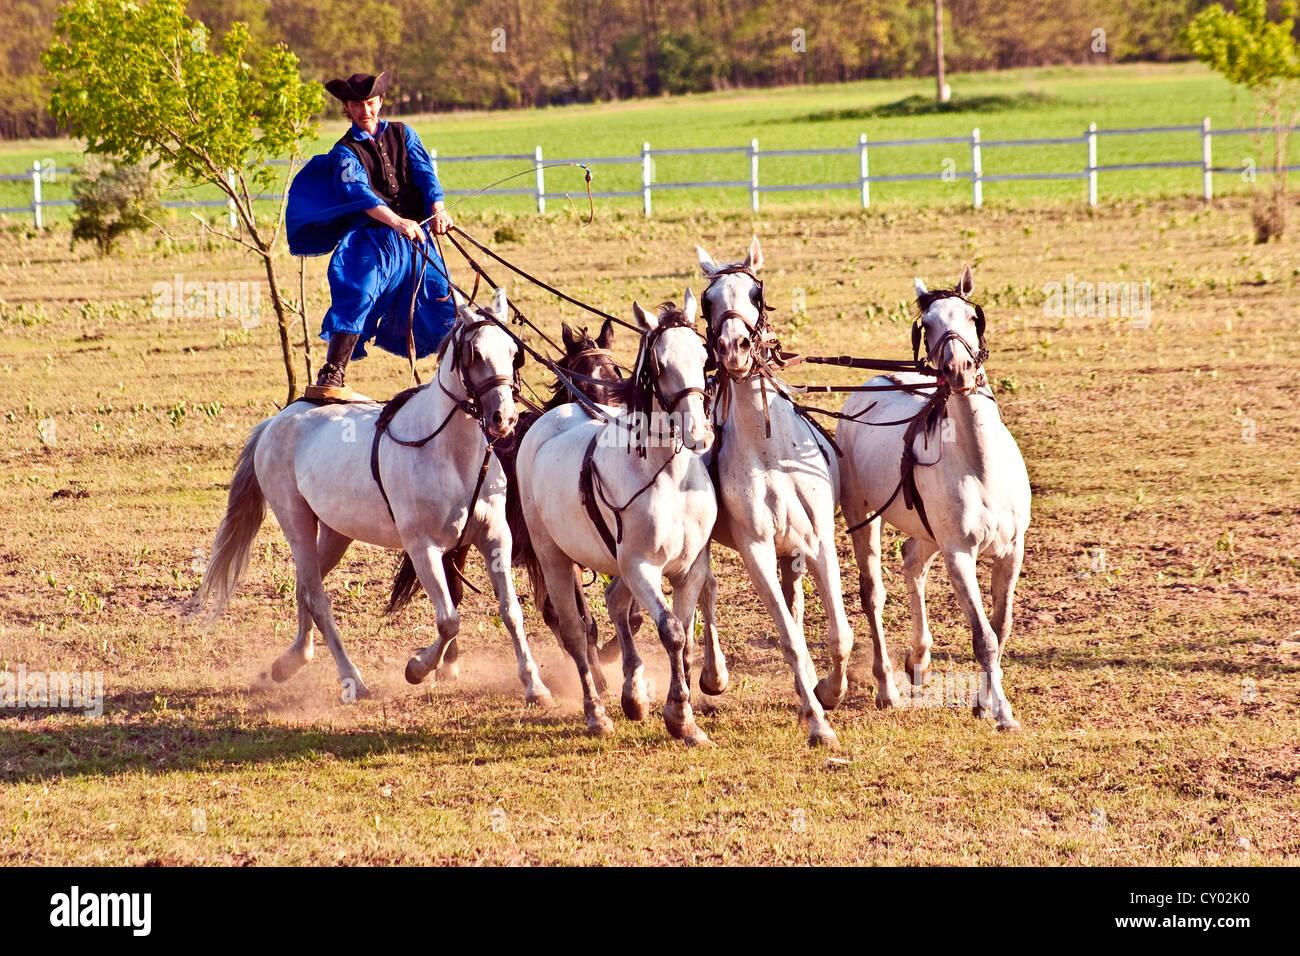 Ungarn, Kalocsa, Csikos Ungarisch Pferd Reiter Reiten sein Team stehend Stockbild